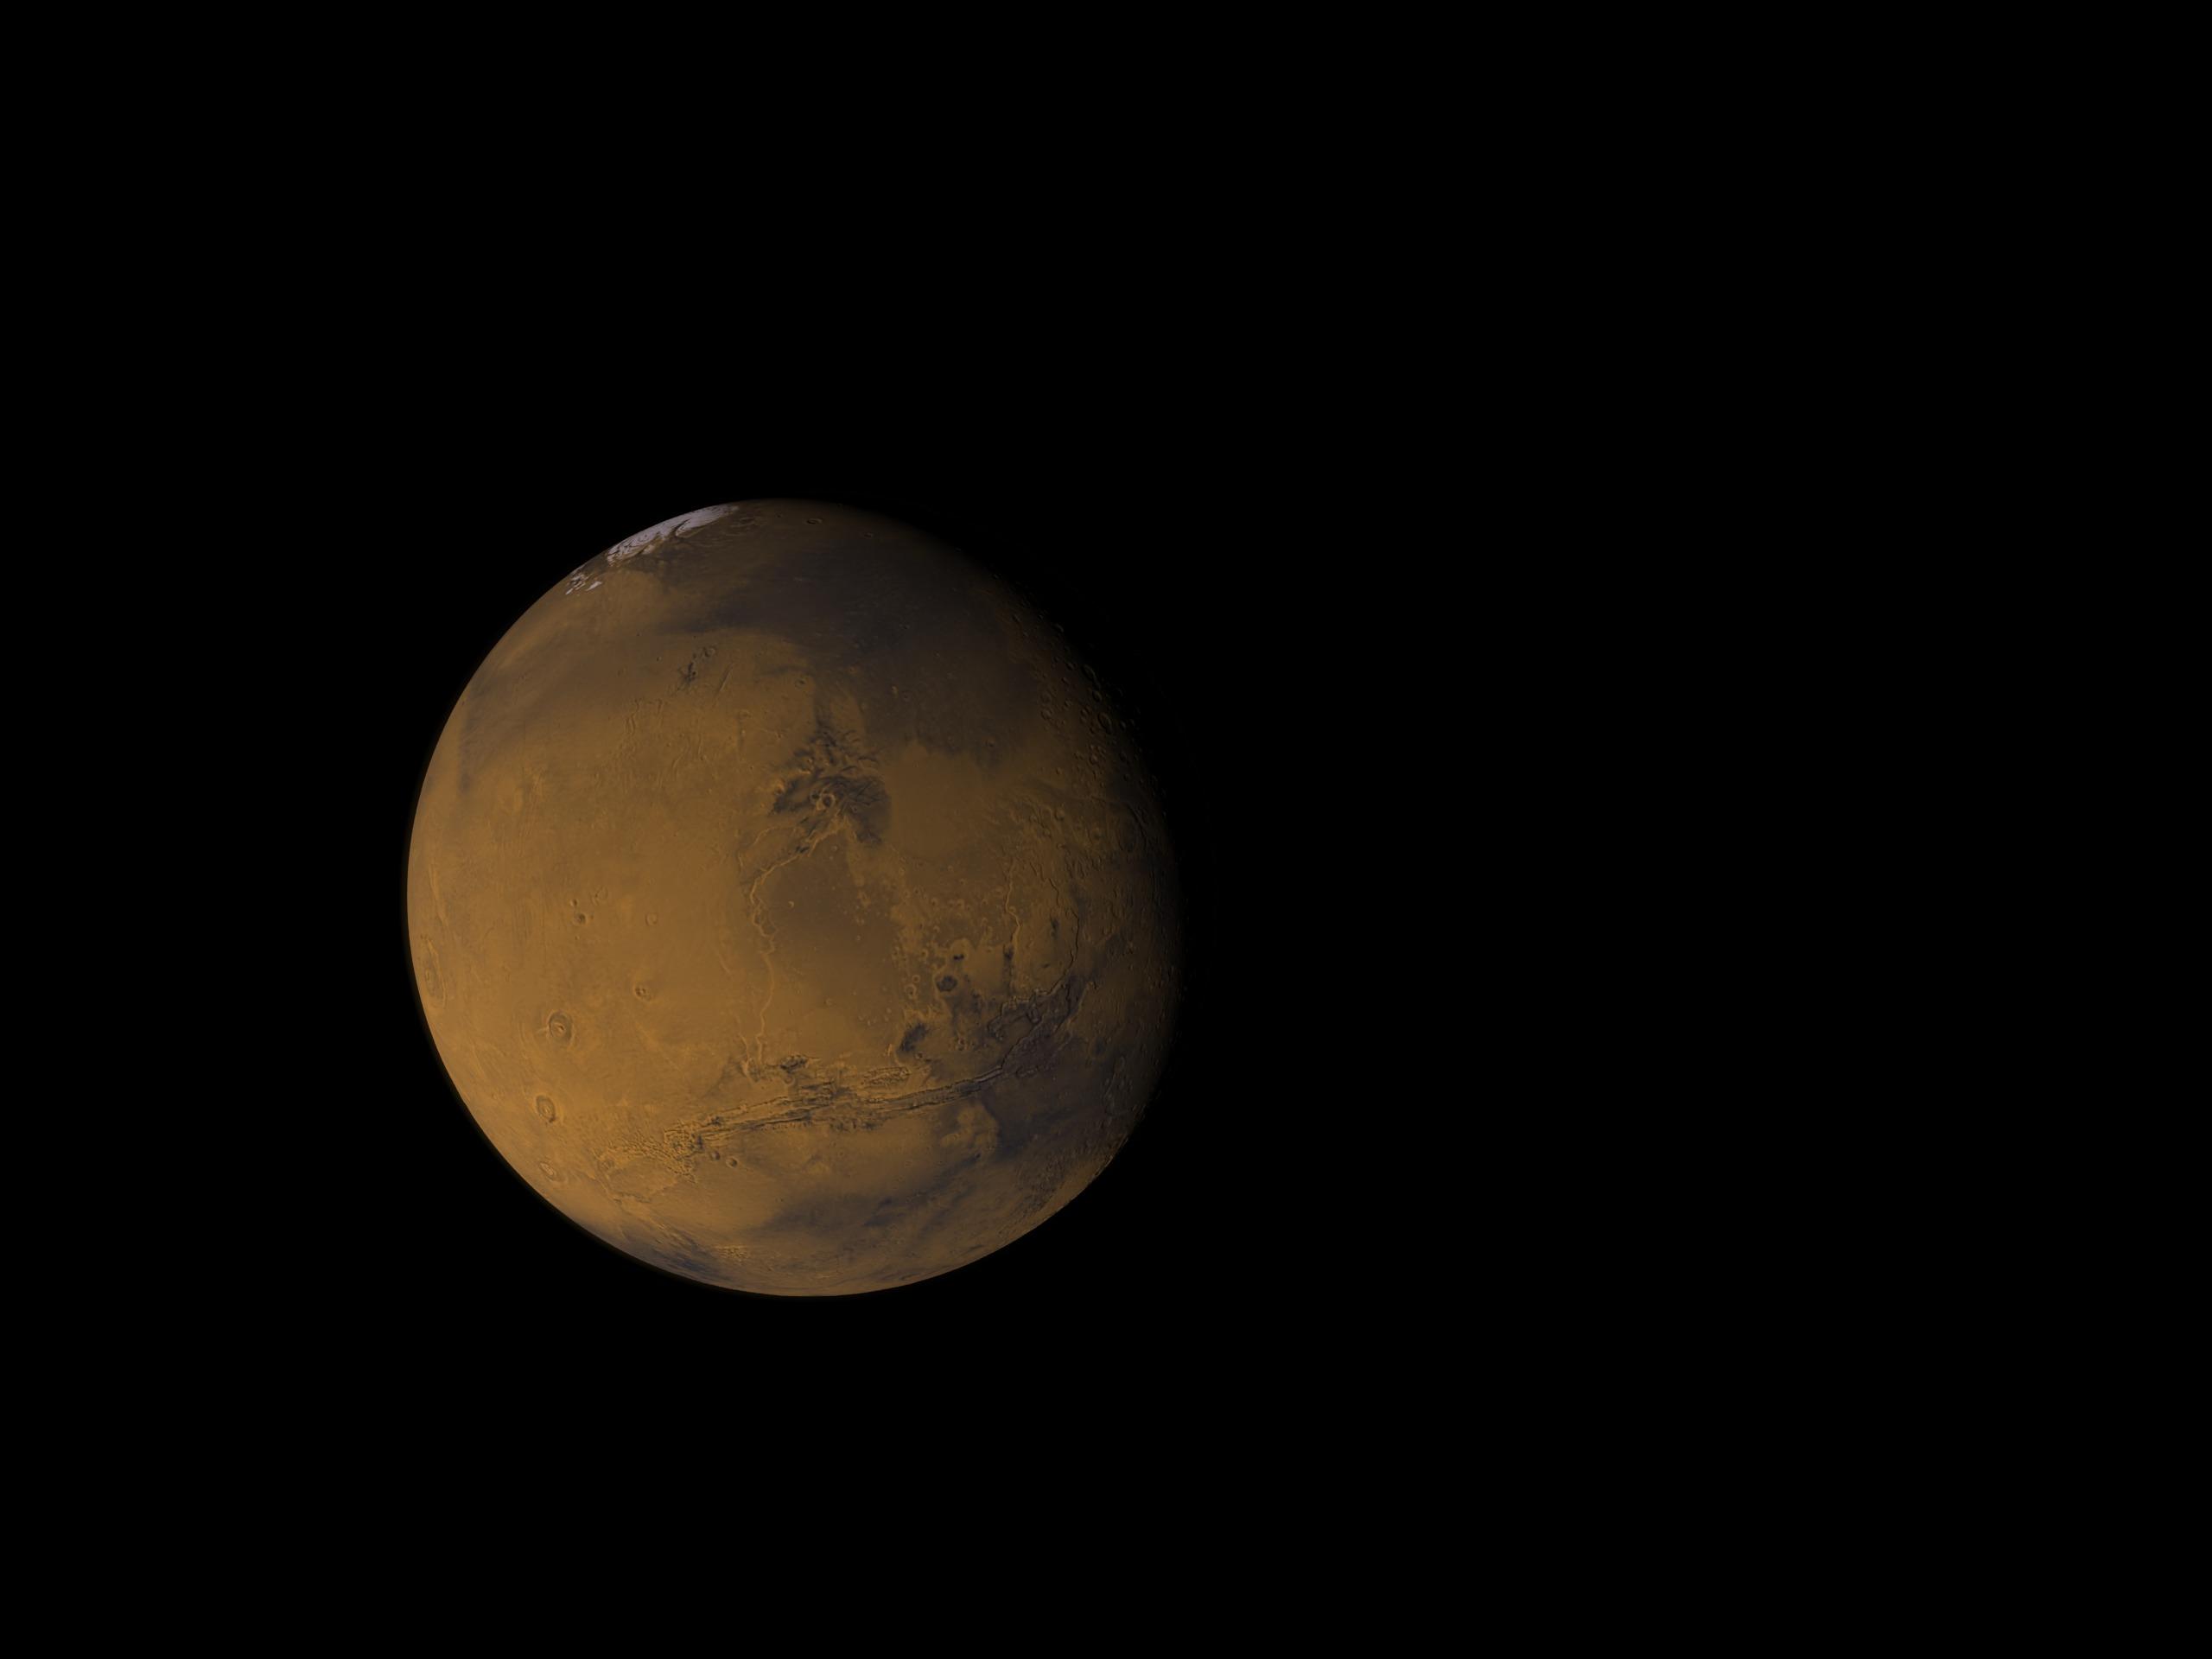 Mars - Astronomy For Kids - KidsAstronomy.com